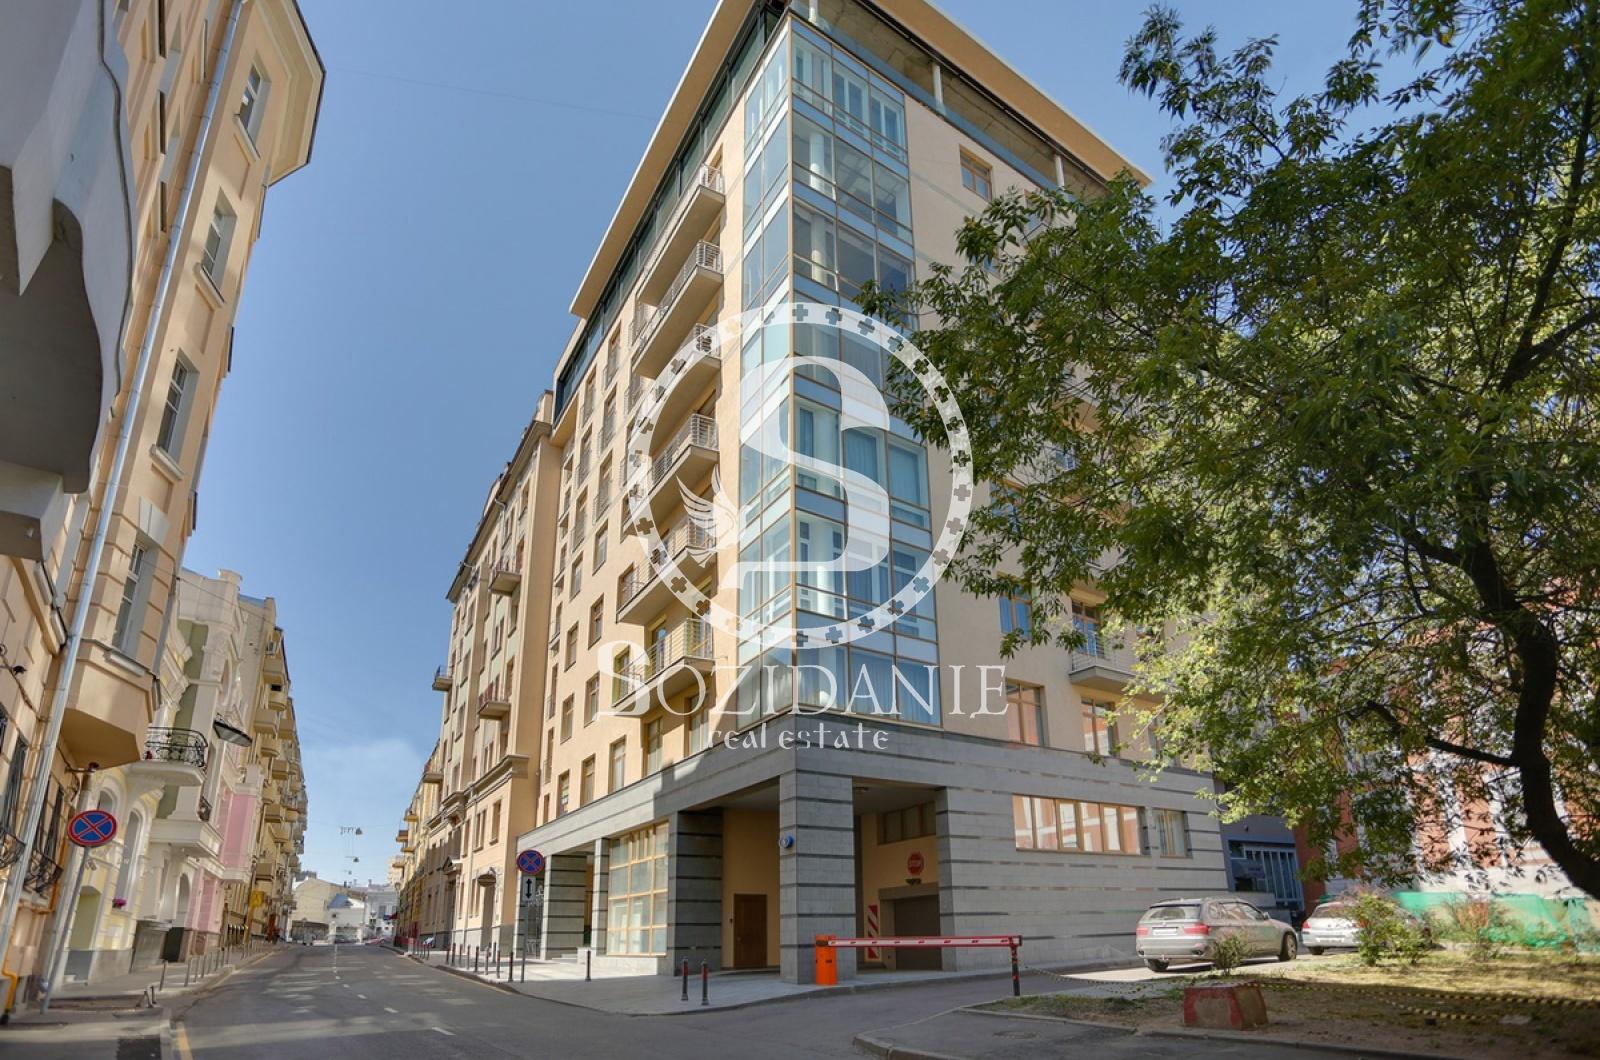 3 Комнаты, Городская, Продажа, Барыковский переулок, Listing ID 3477, Москва, Россия,